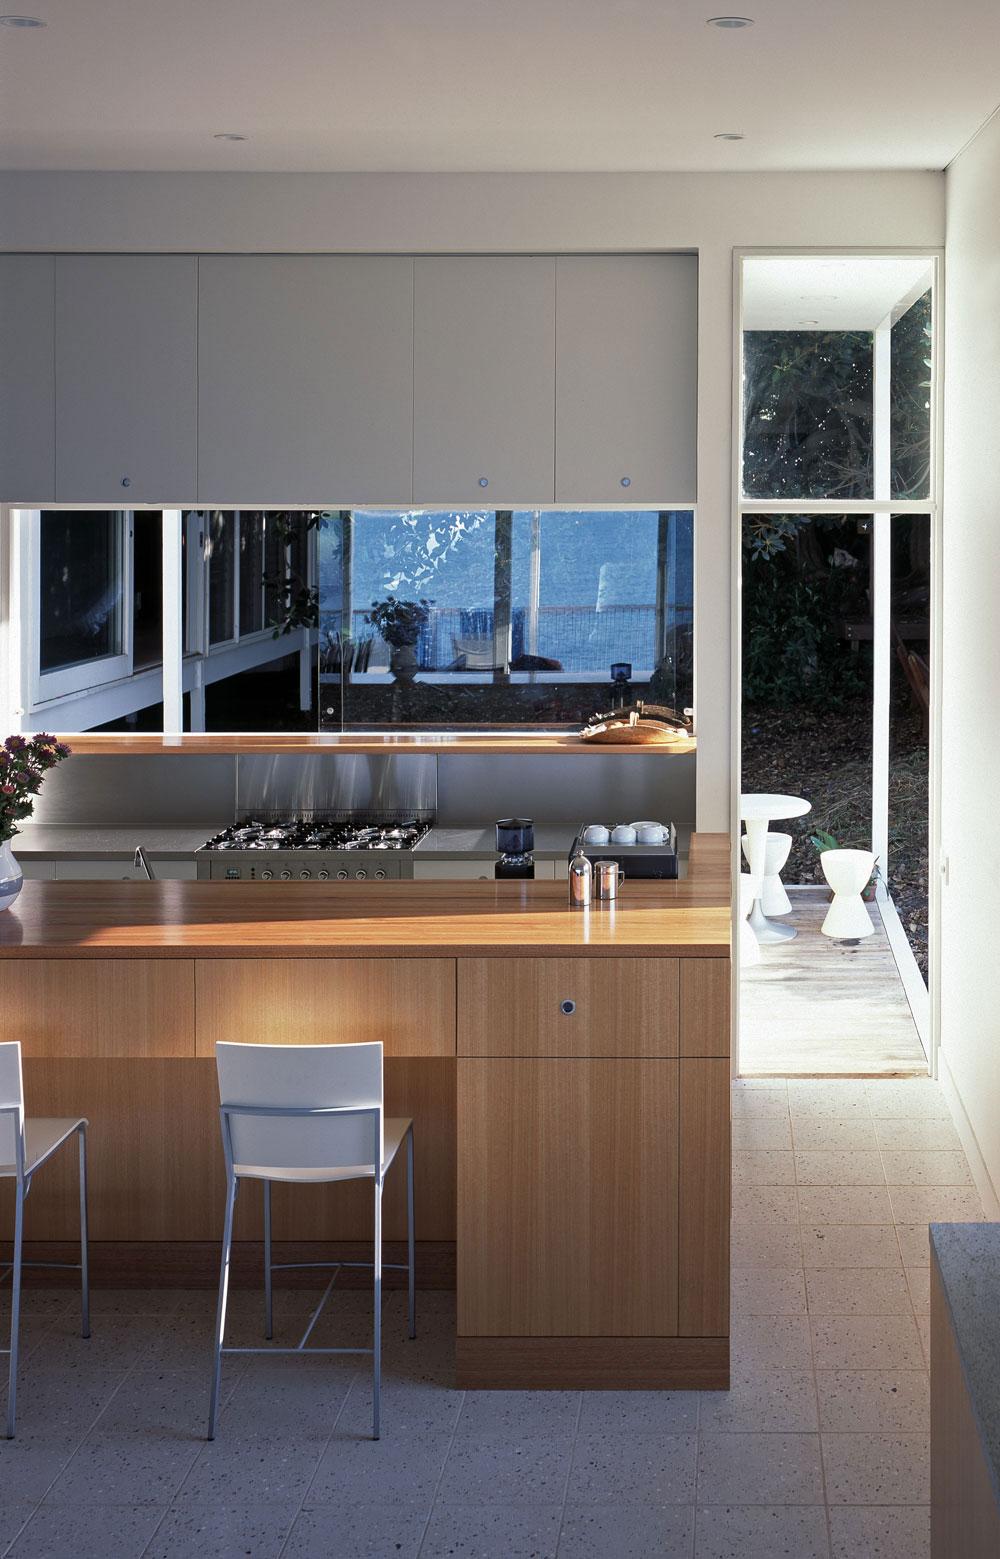 mirrored backsplash in the kitchen viskas apie interjerą